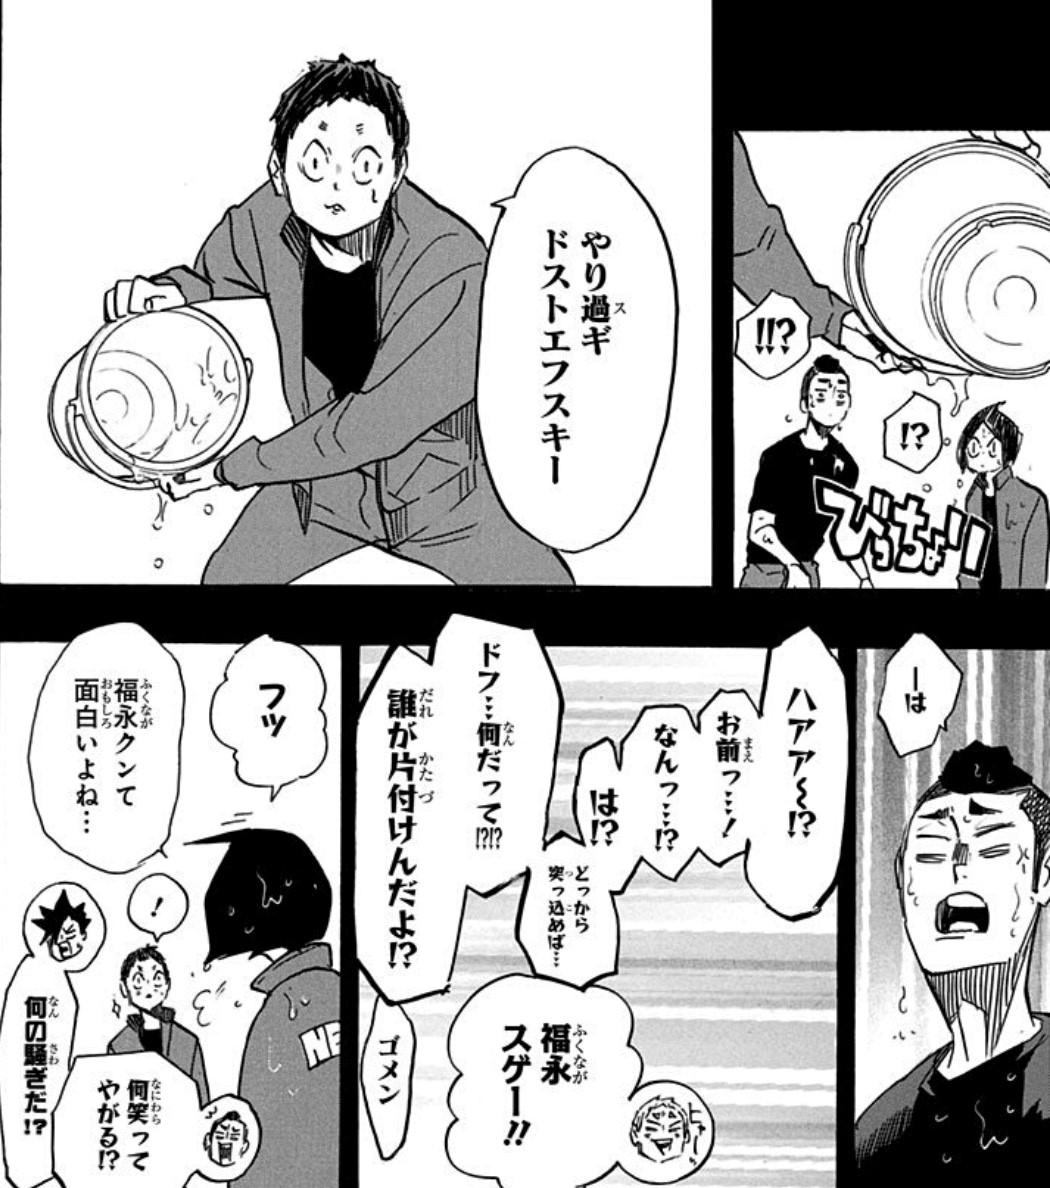 【ハイキュー!!】福永招平が面白い!登場シーンや身長など紹介!